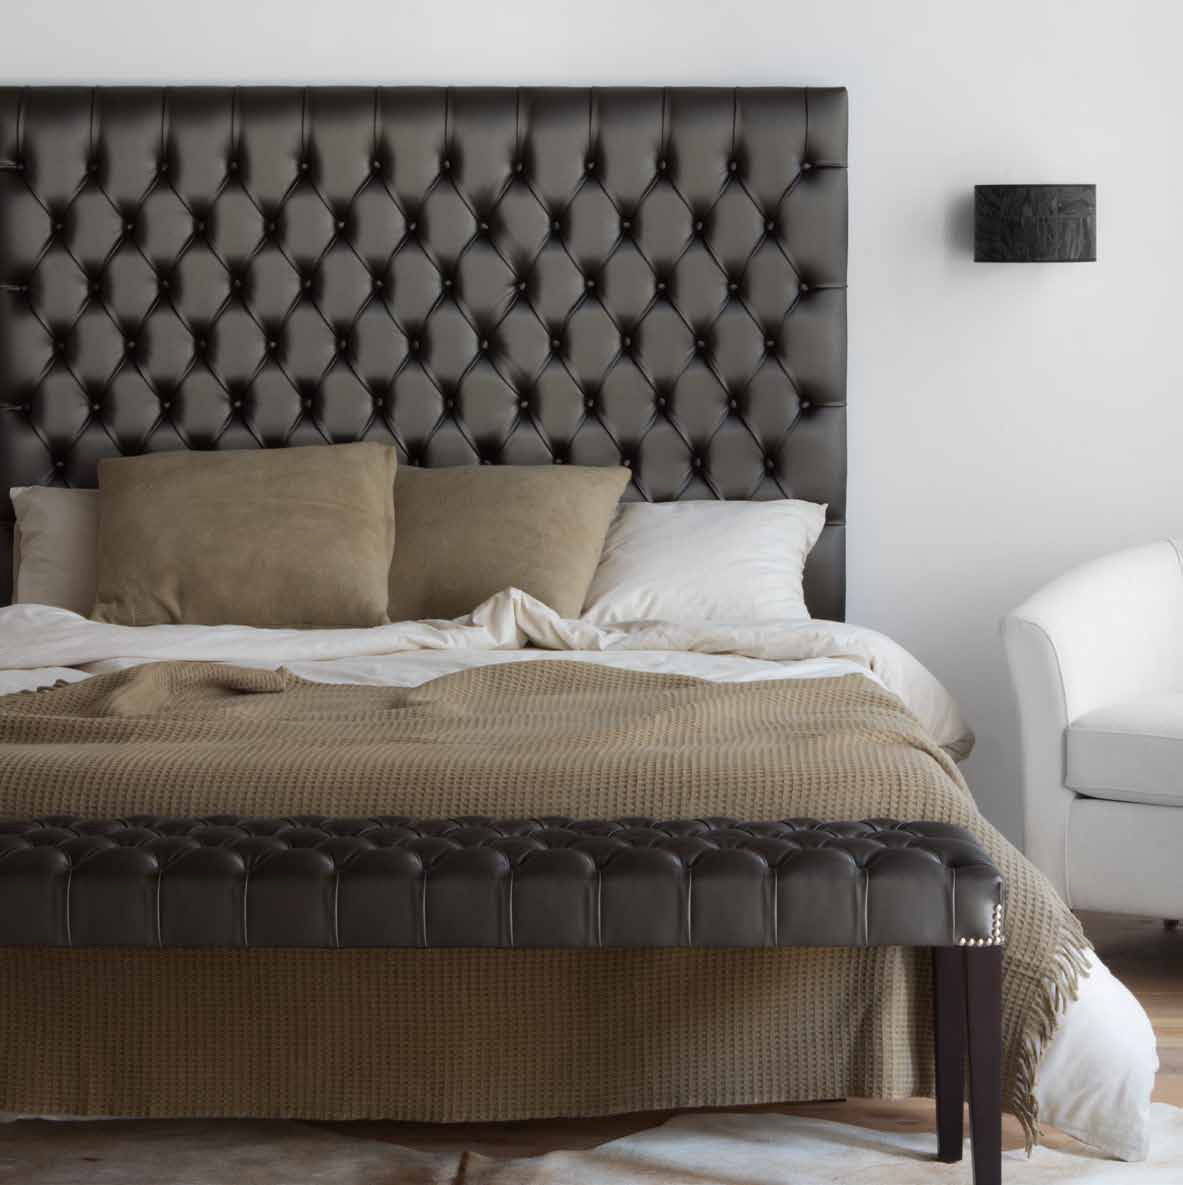 5 ideas para sorprender el d a de san valent n villalba - Sillon para dormitorio ...